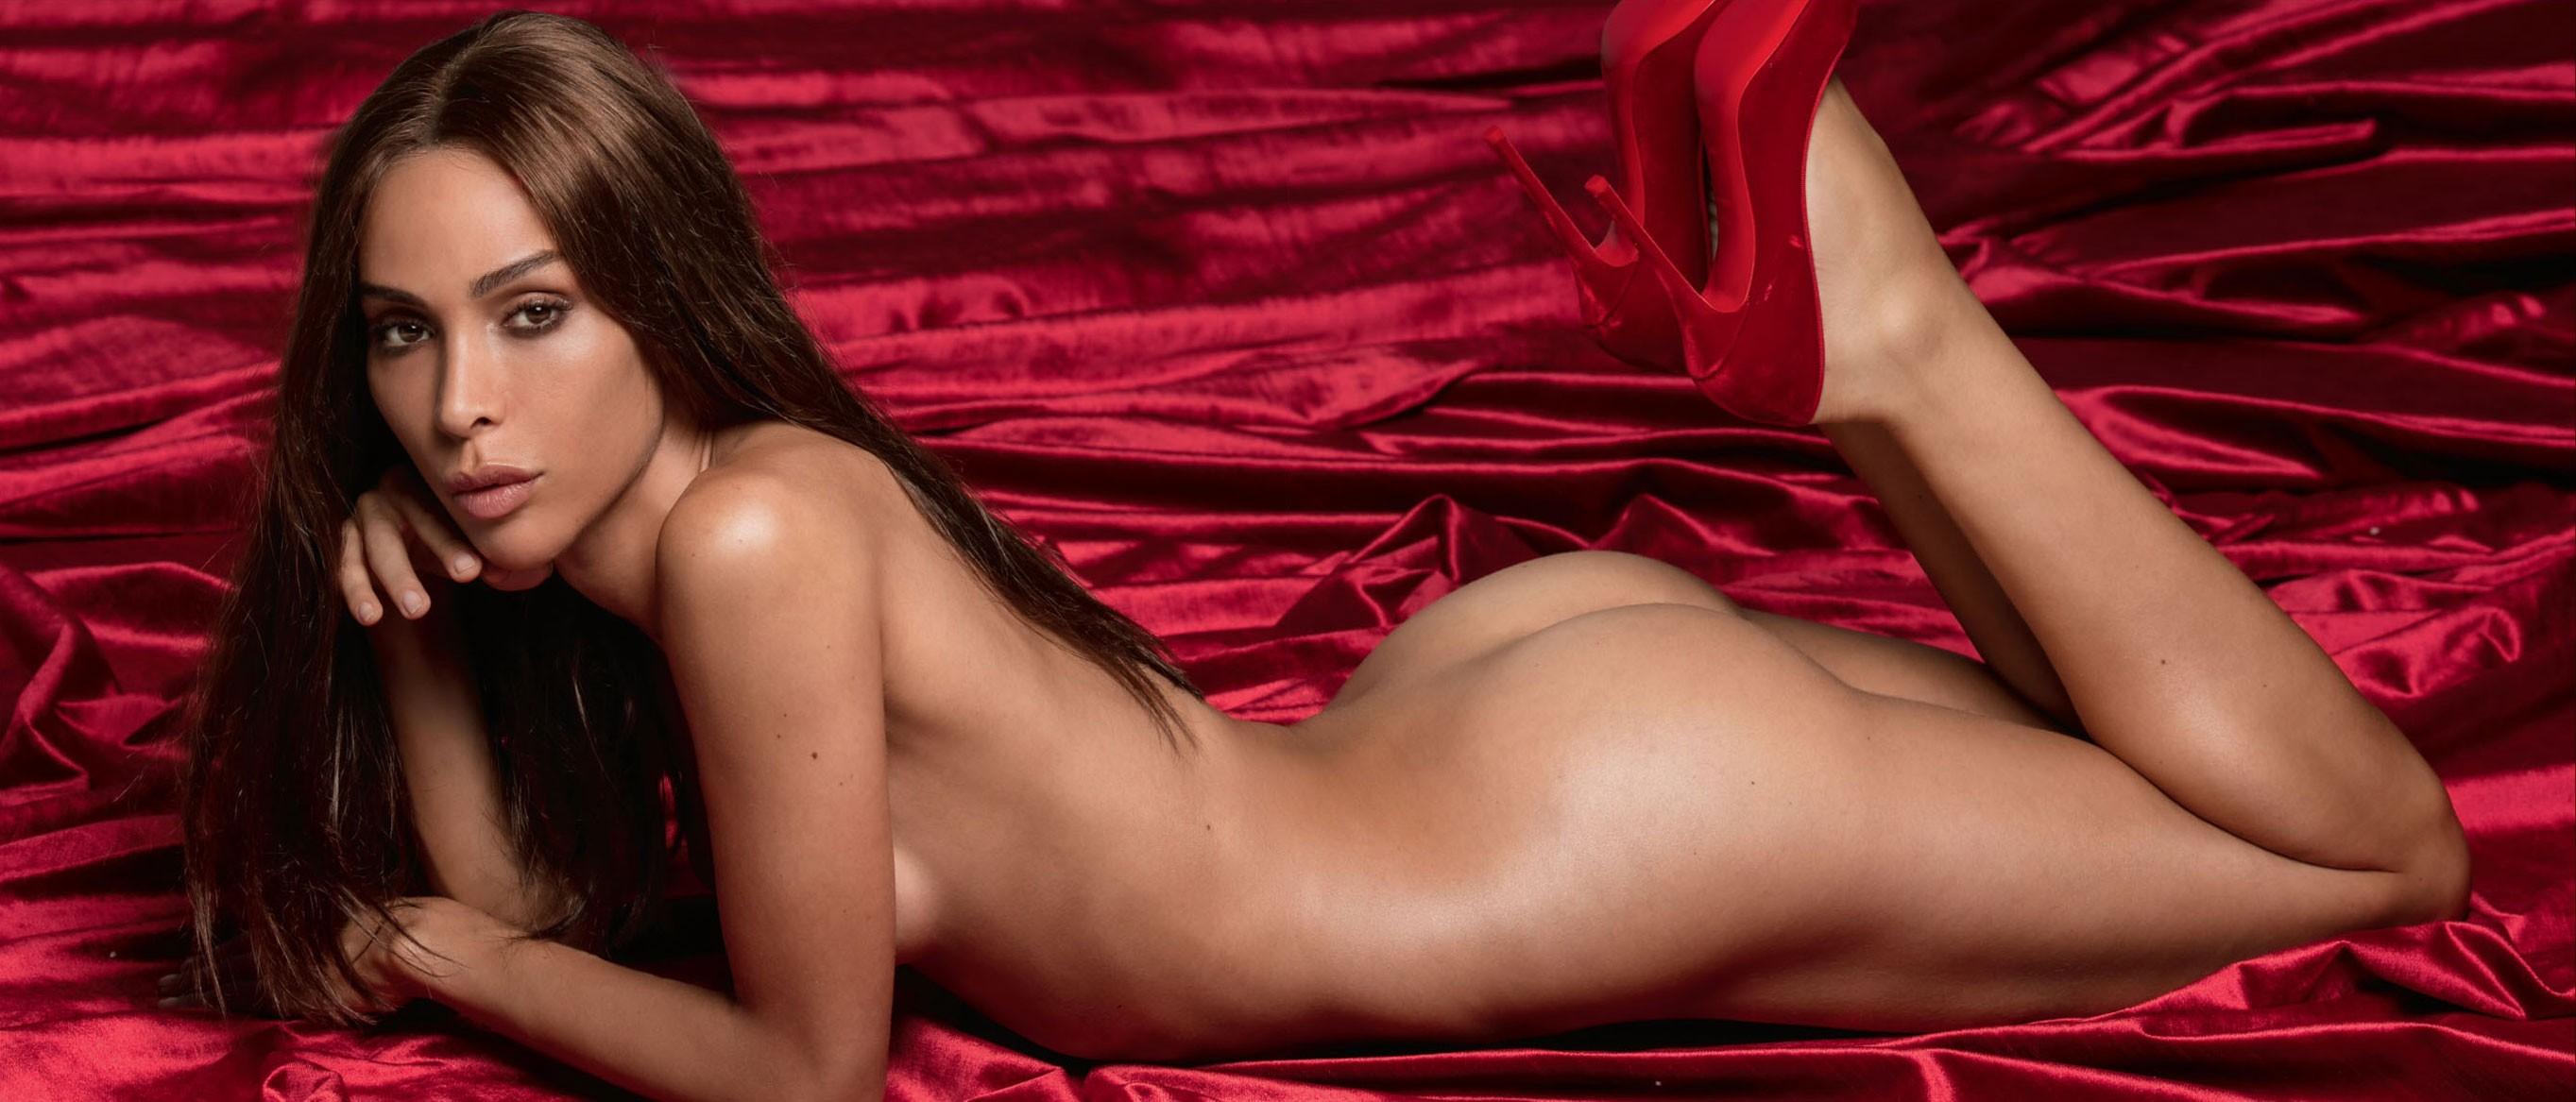 первая трансгендер Девушка месяца / Playboy US november 2017 Playmate Ines Rau